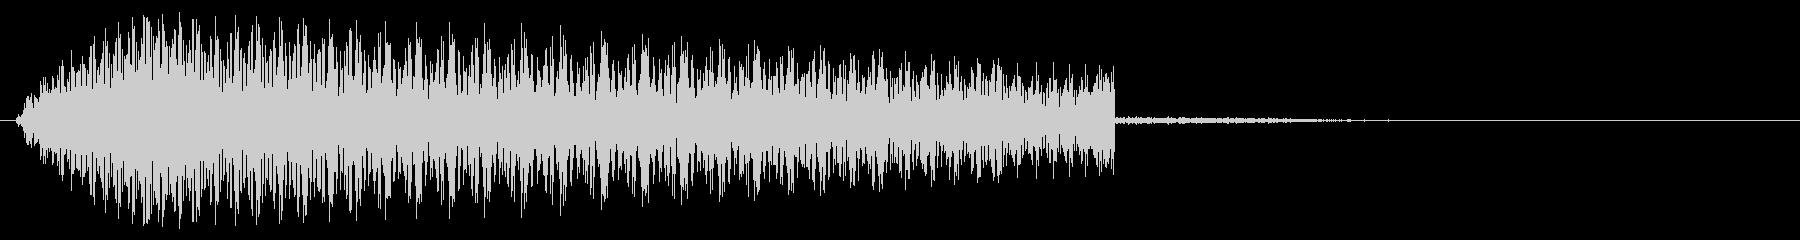 動物・モンスターの鳴き声系サウンドの未再生の波形